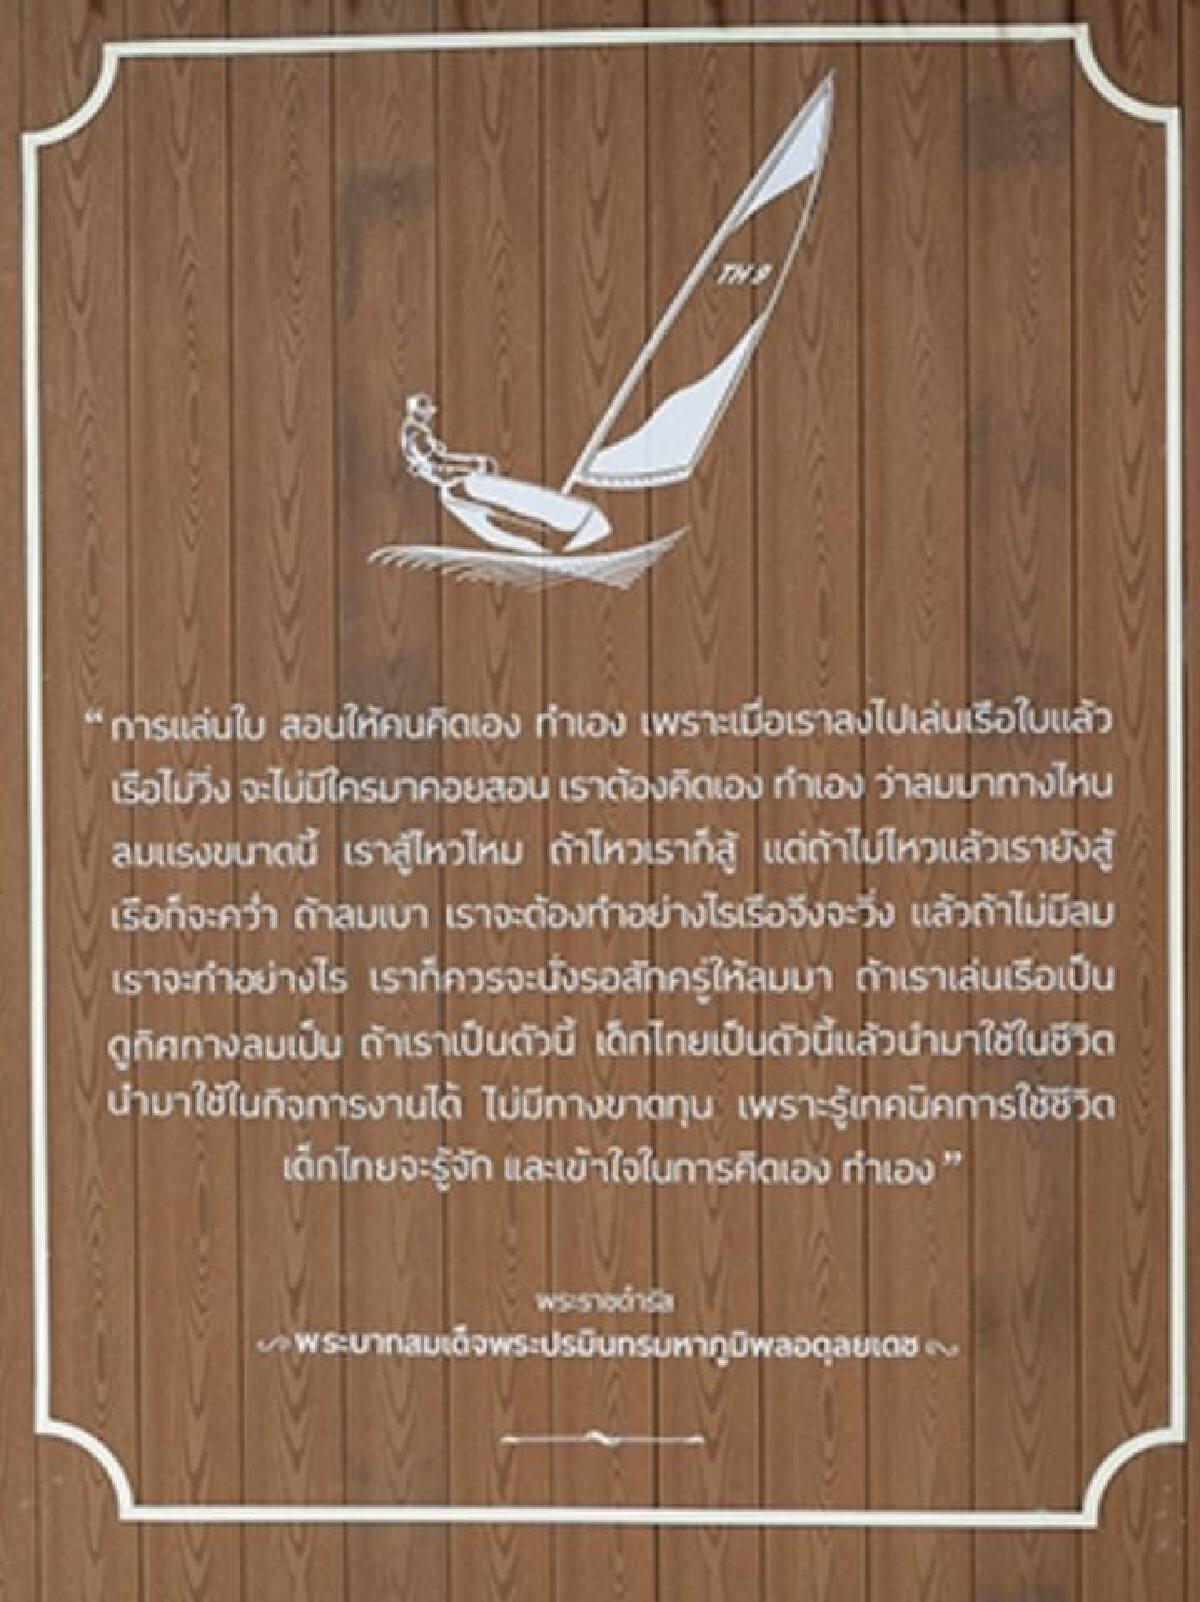 """""""ในหลวงรัชกาลที่9 """"นักกีฬาเรือใบทีมชาติไทย กีฬาแหลมทอง 2510"""